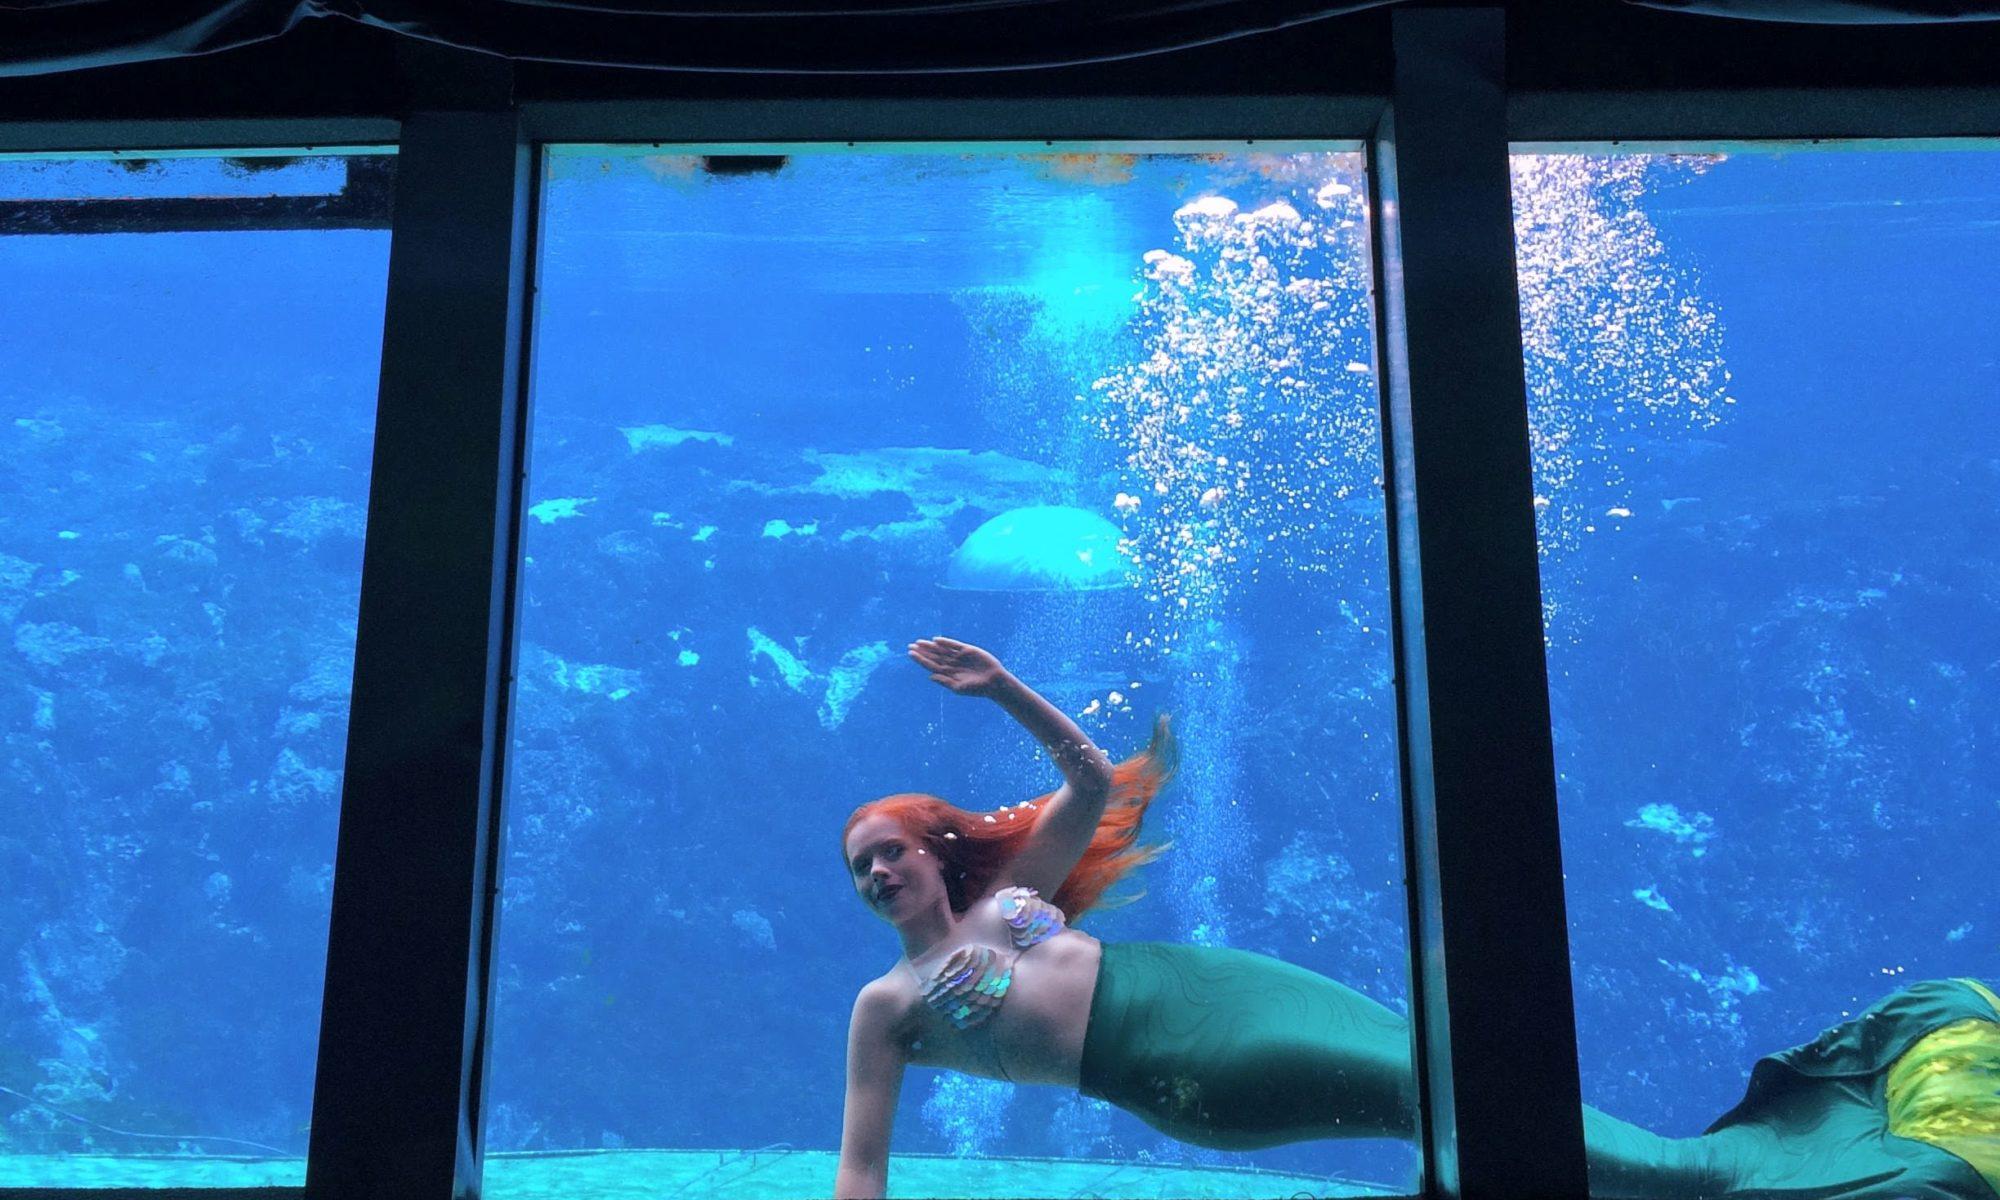 Mermaid passing by